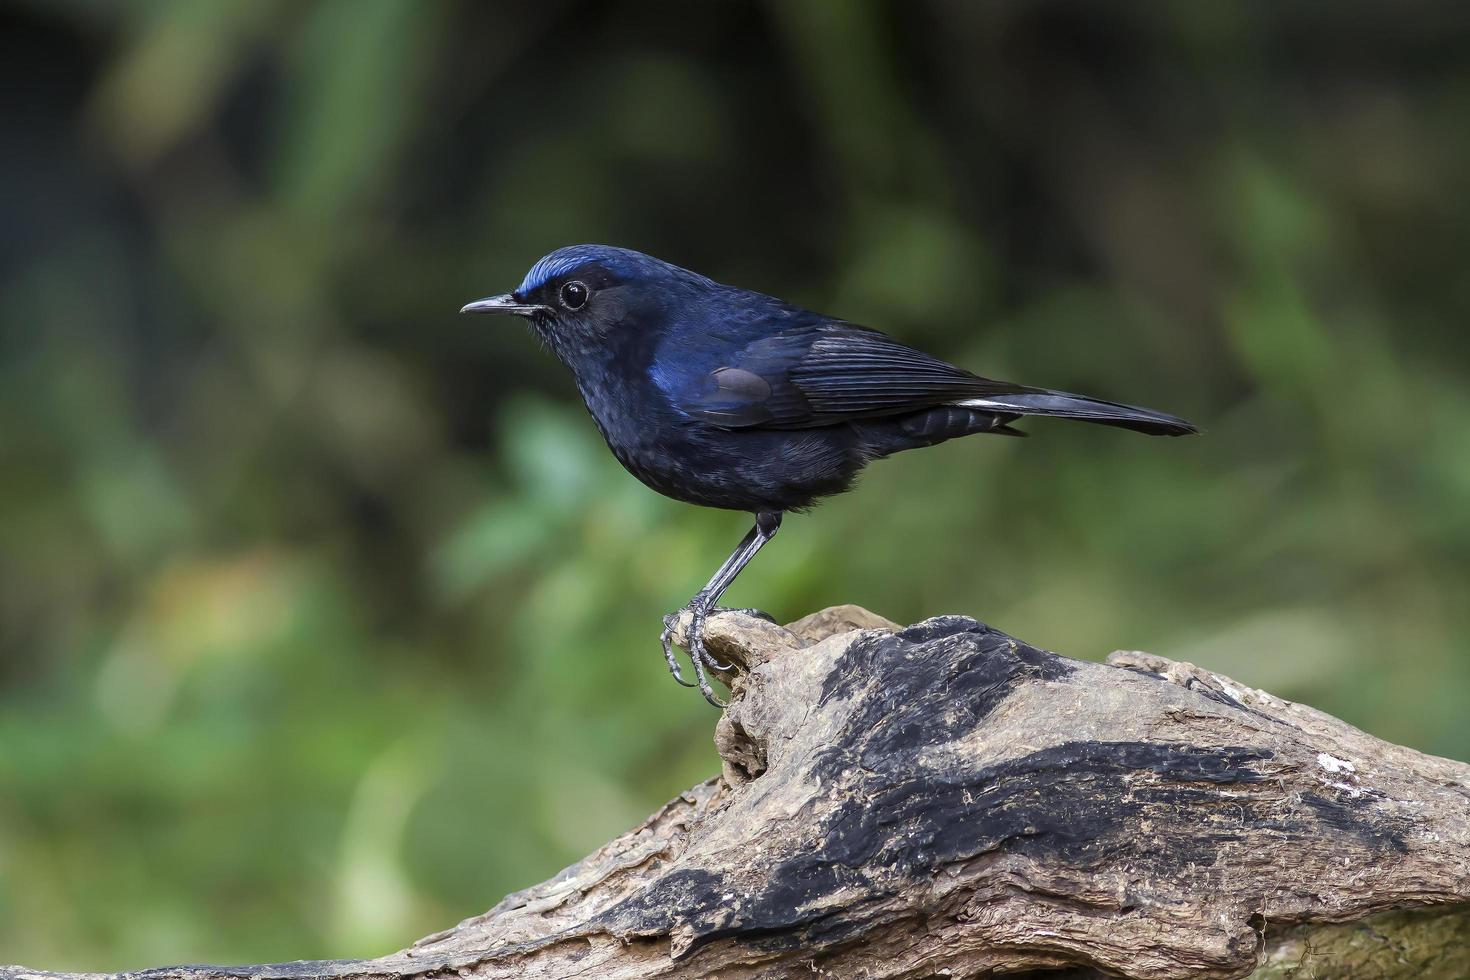 uccello nella natura pettirosso dalla coda bianca foto